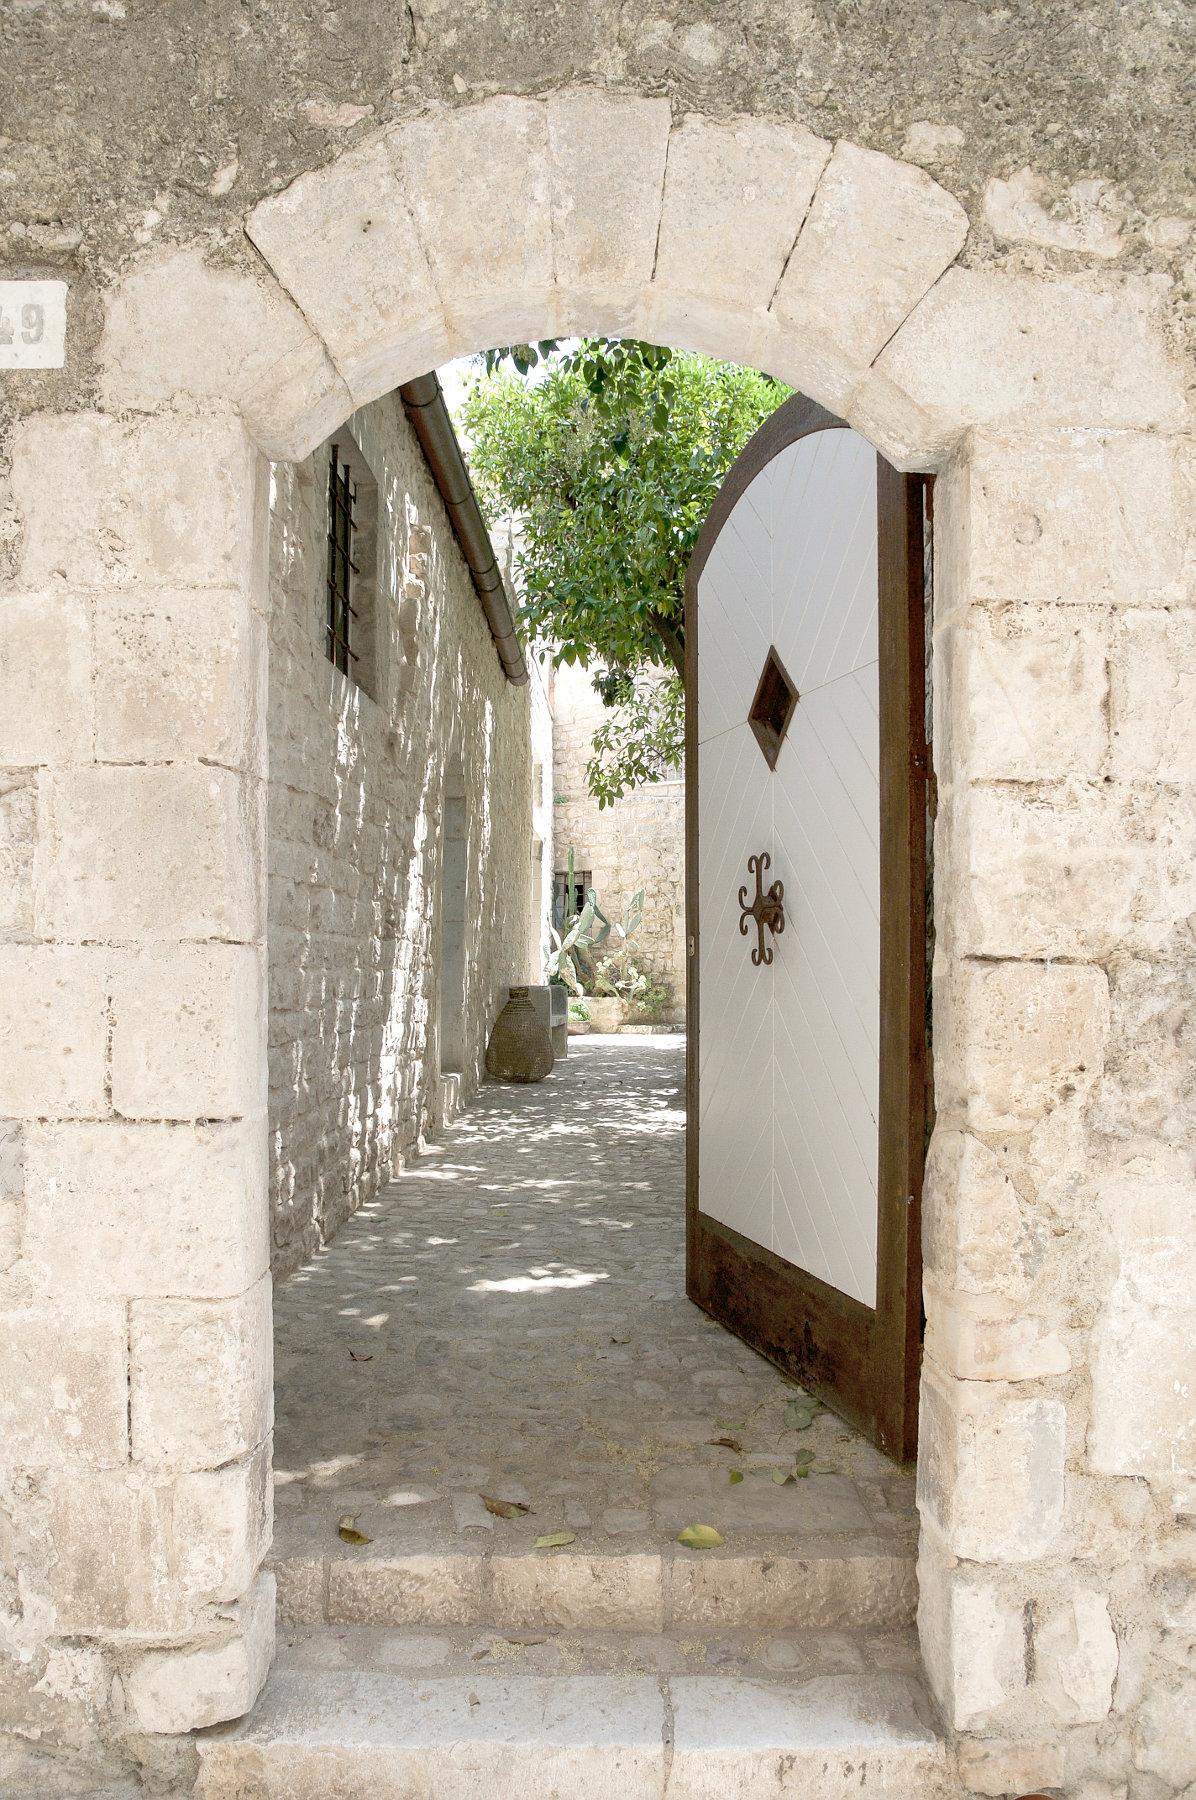 Residenza Hortus Modica Sicilia Sicily Anime a Sud bio architettura